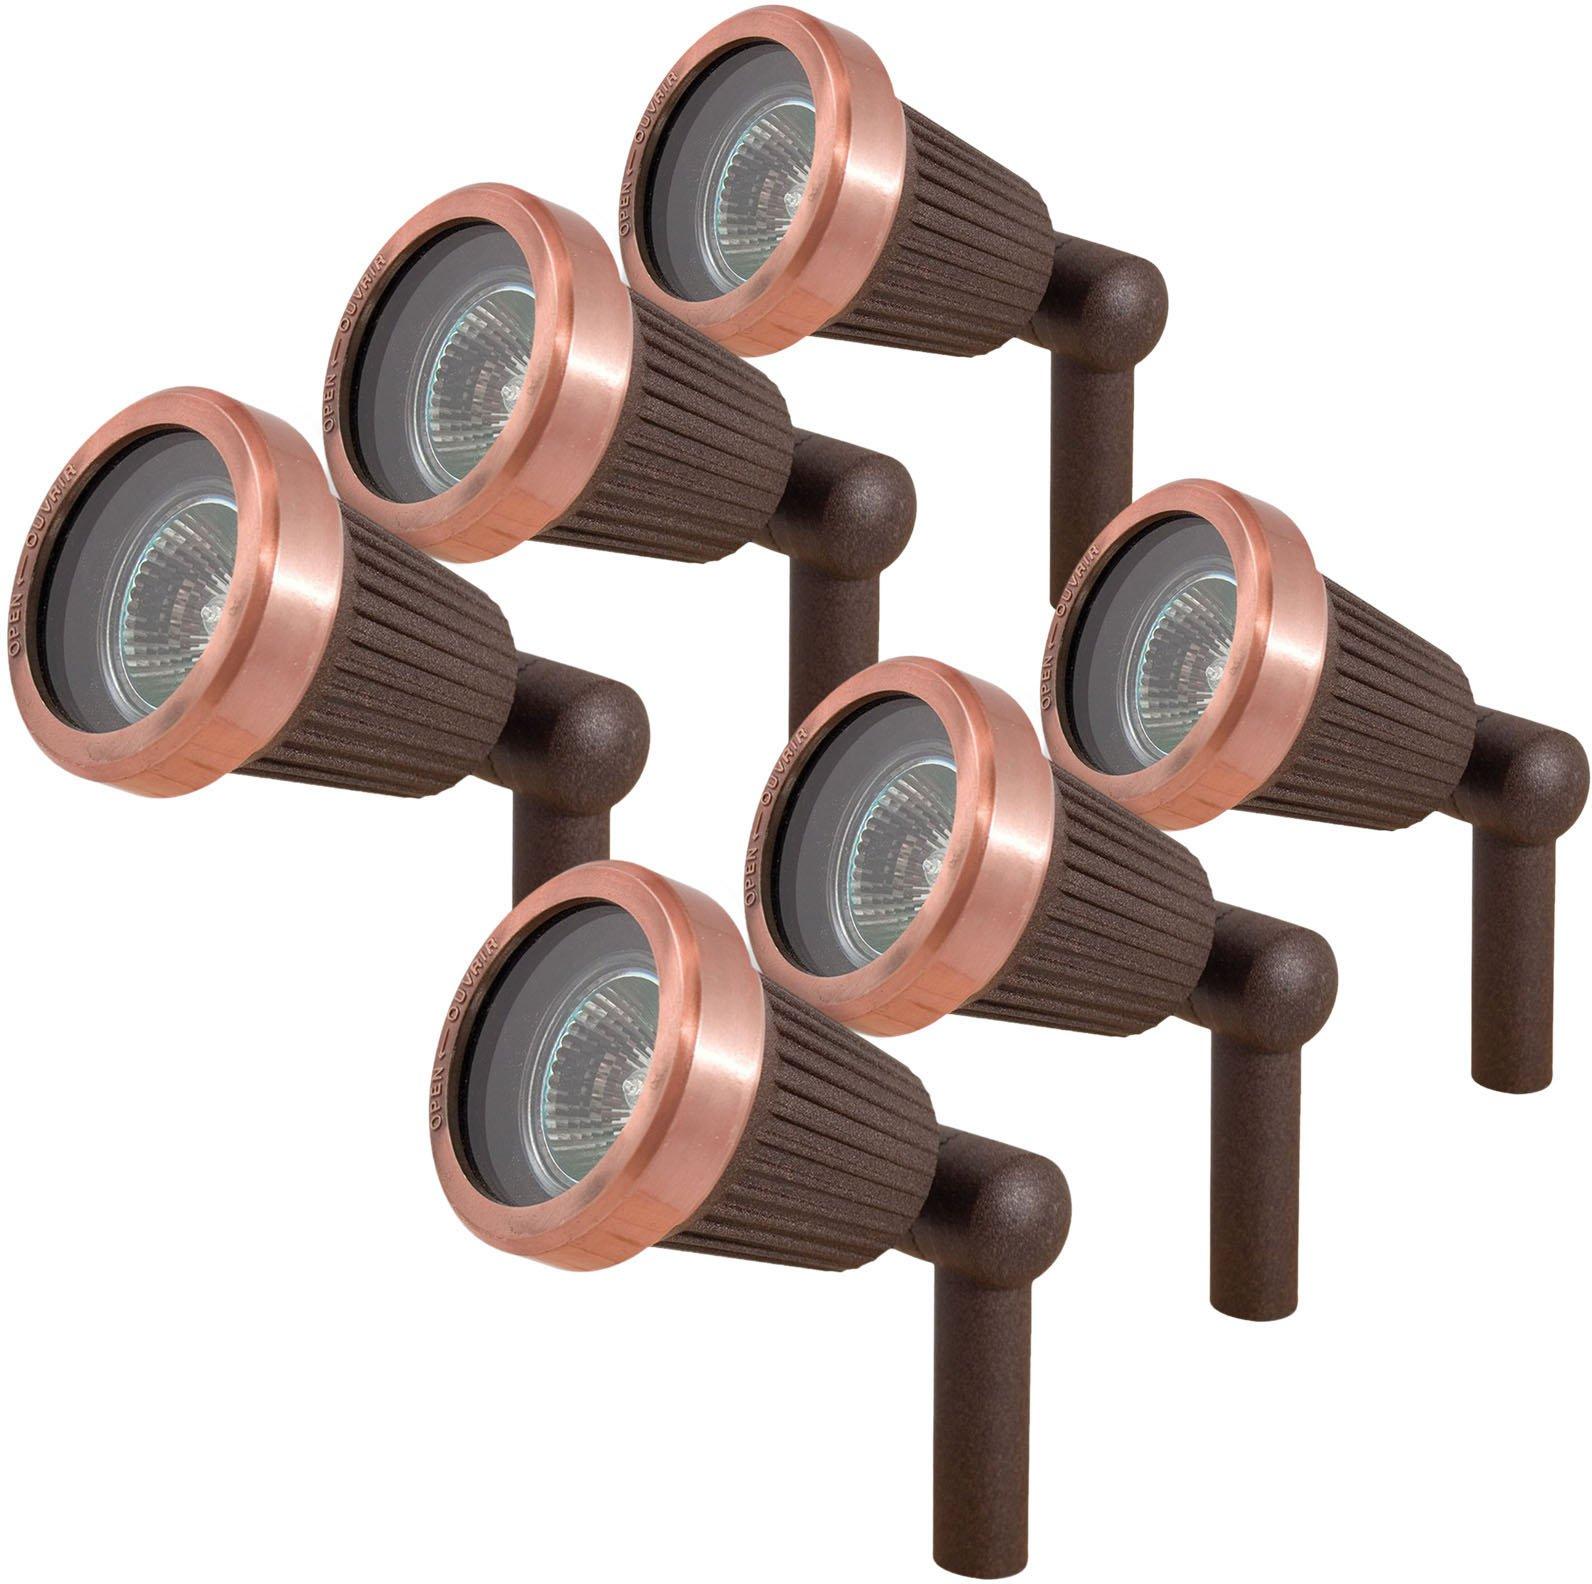 Paradise GL22724 Low Voltage Cast Aluminum 20W Spotlight (Copper, 6 Pack)